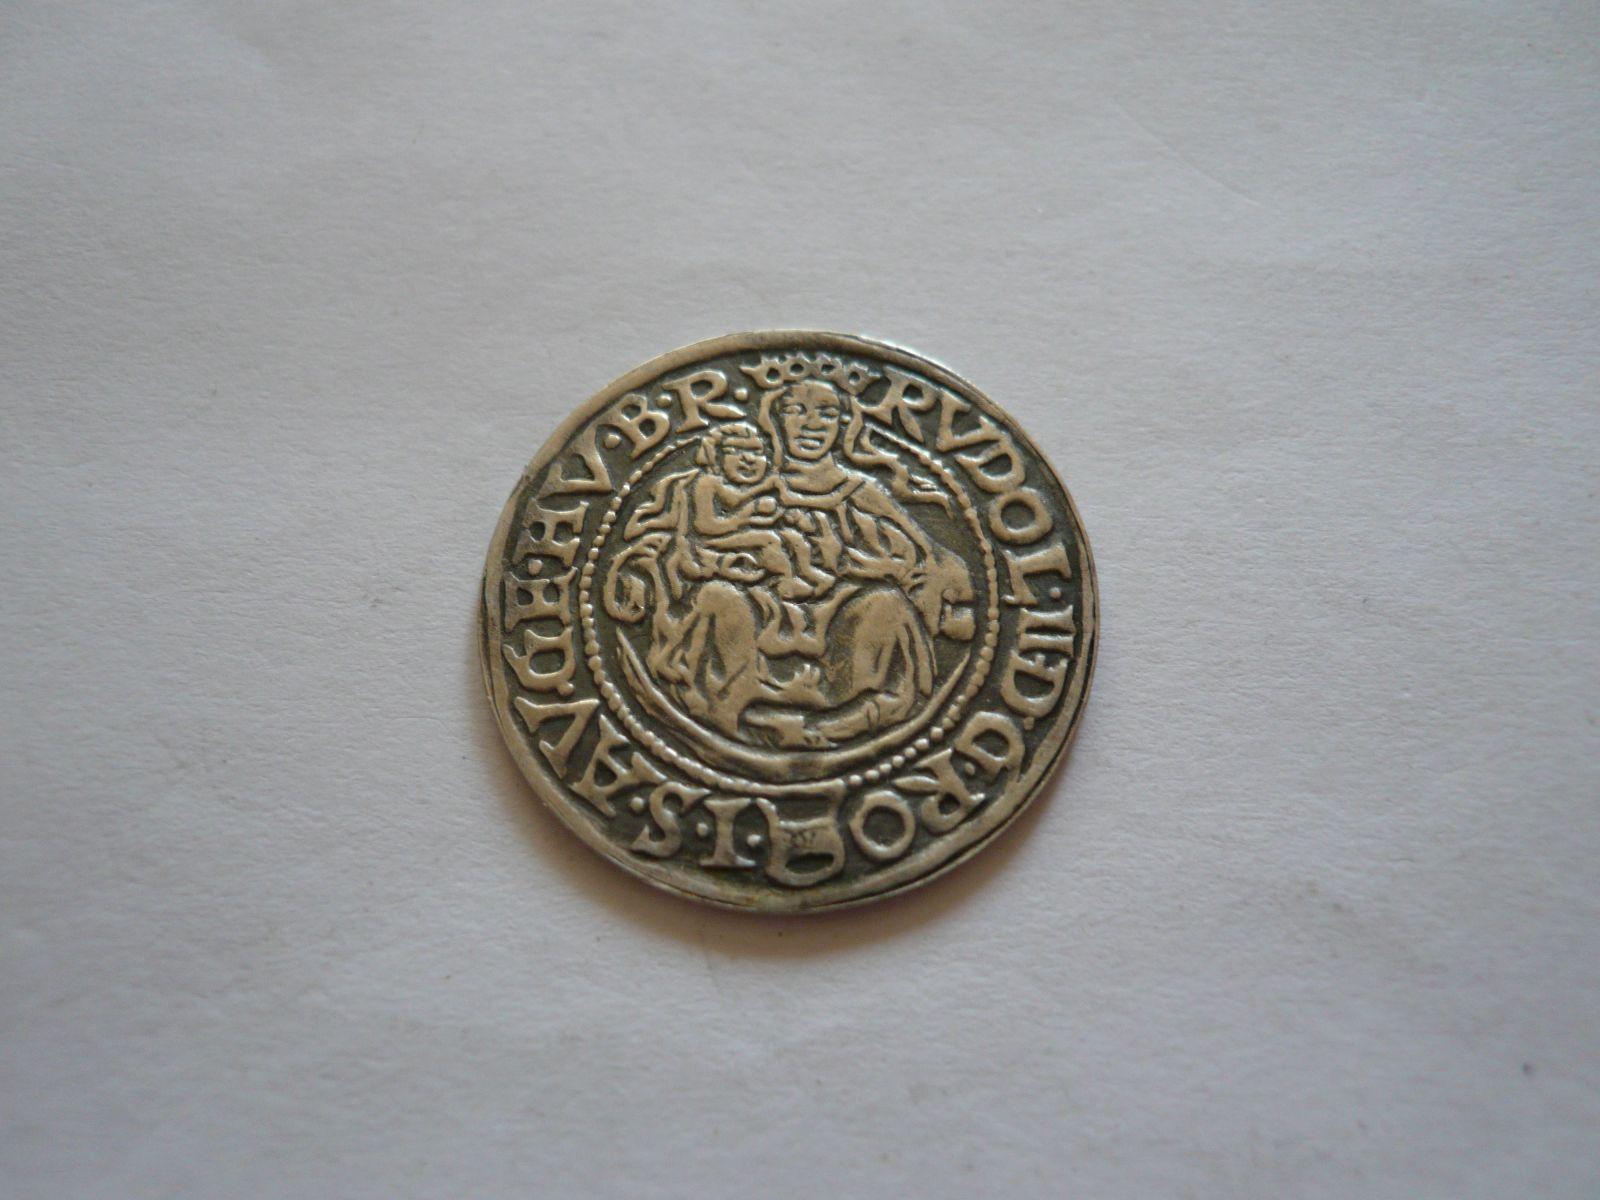 dukátová medaile Rudolf II., postříbřená, 1972, ČSR